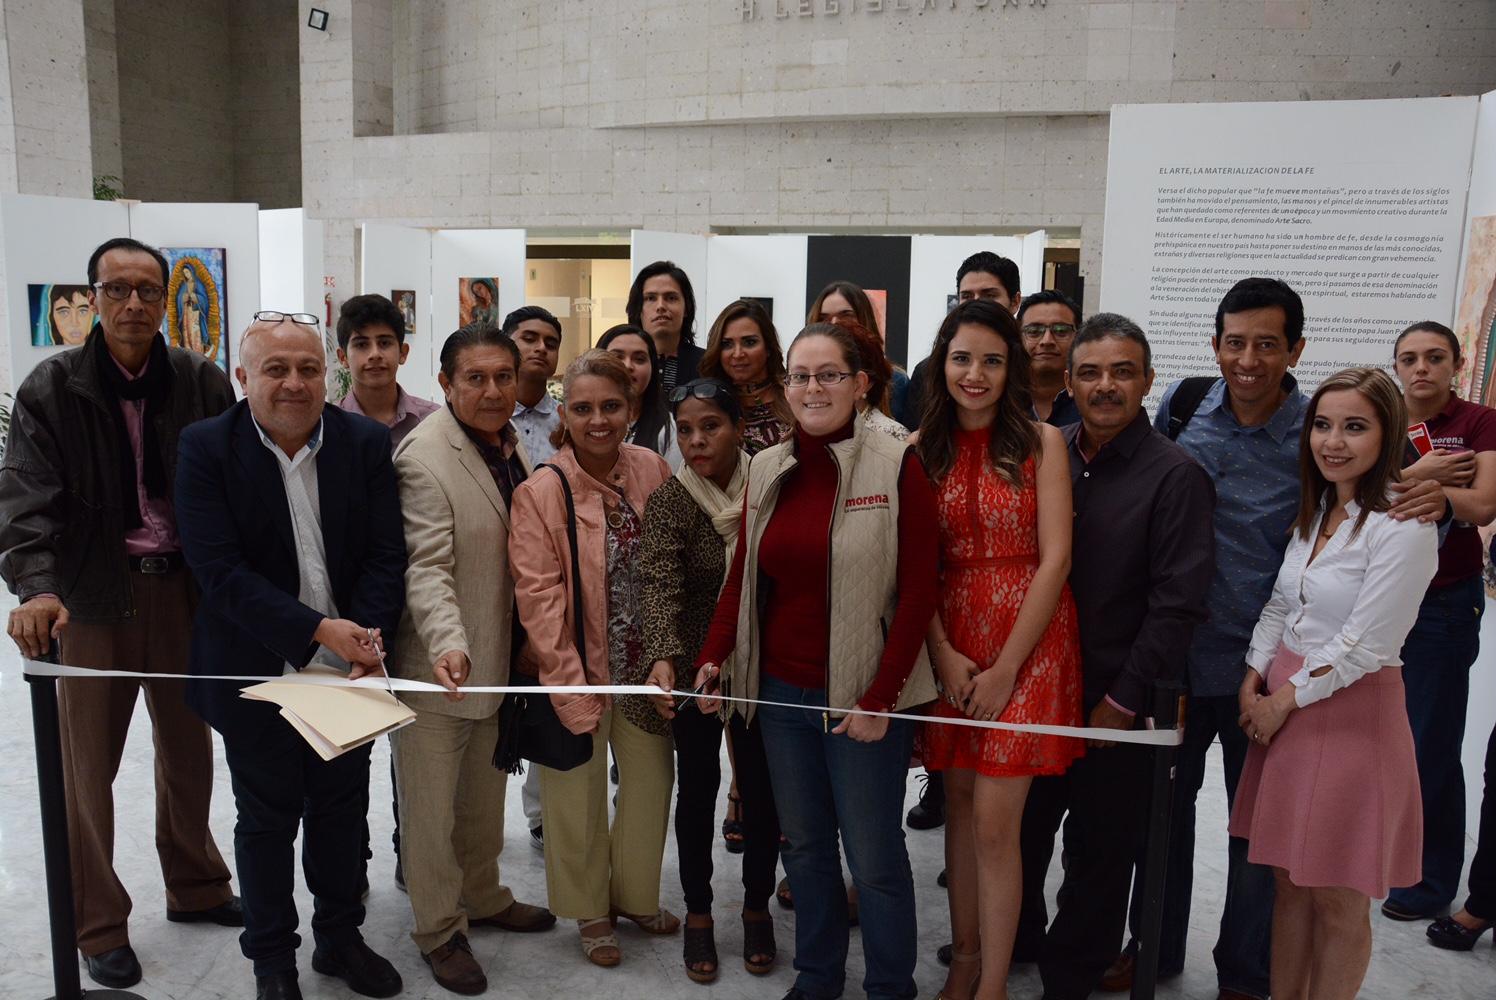 Presentan exposición de arte sacro en el Congreso de Veracruz